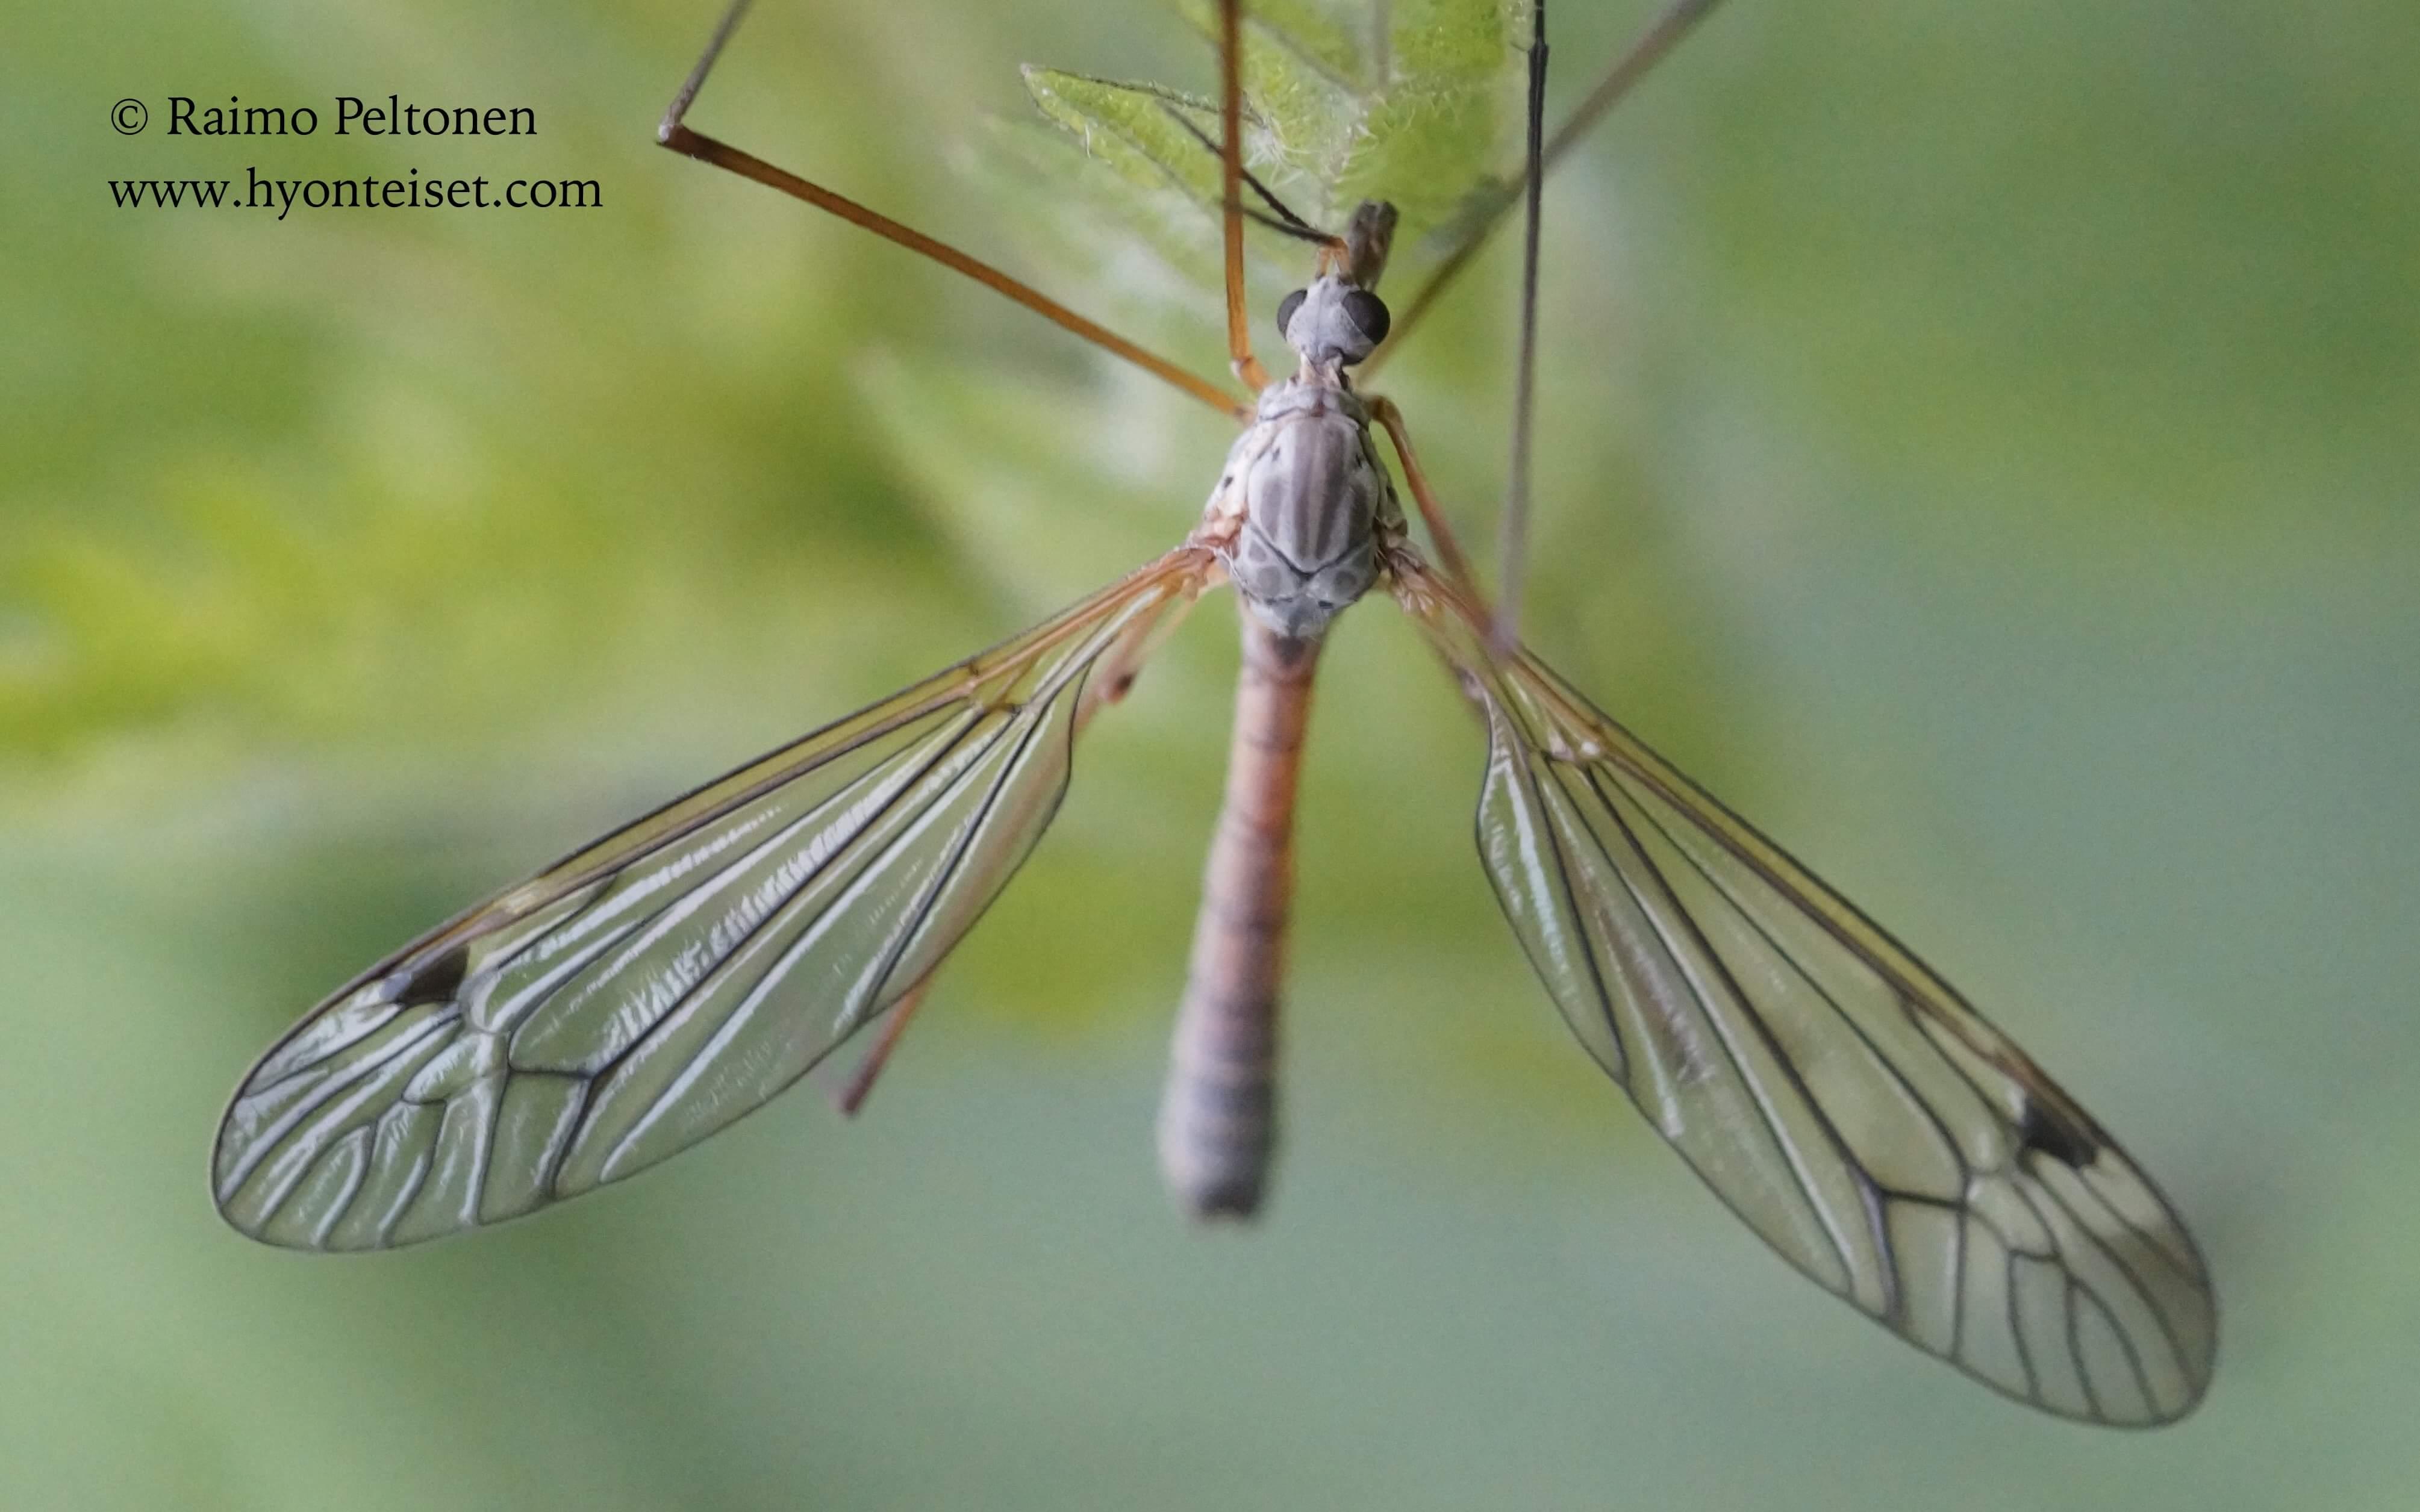 Tipula submarmorata (conf. Esko Viitanen), 13.6.2017 Jyväskylä